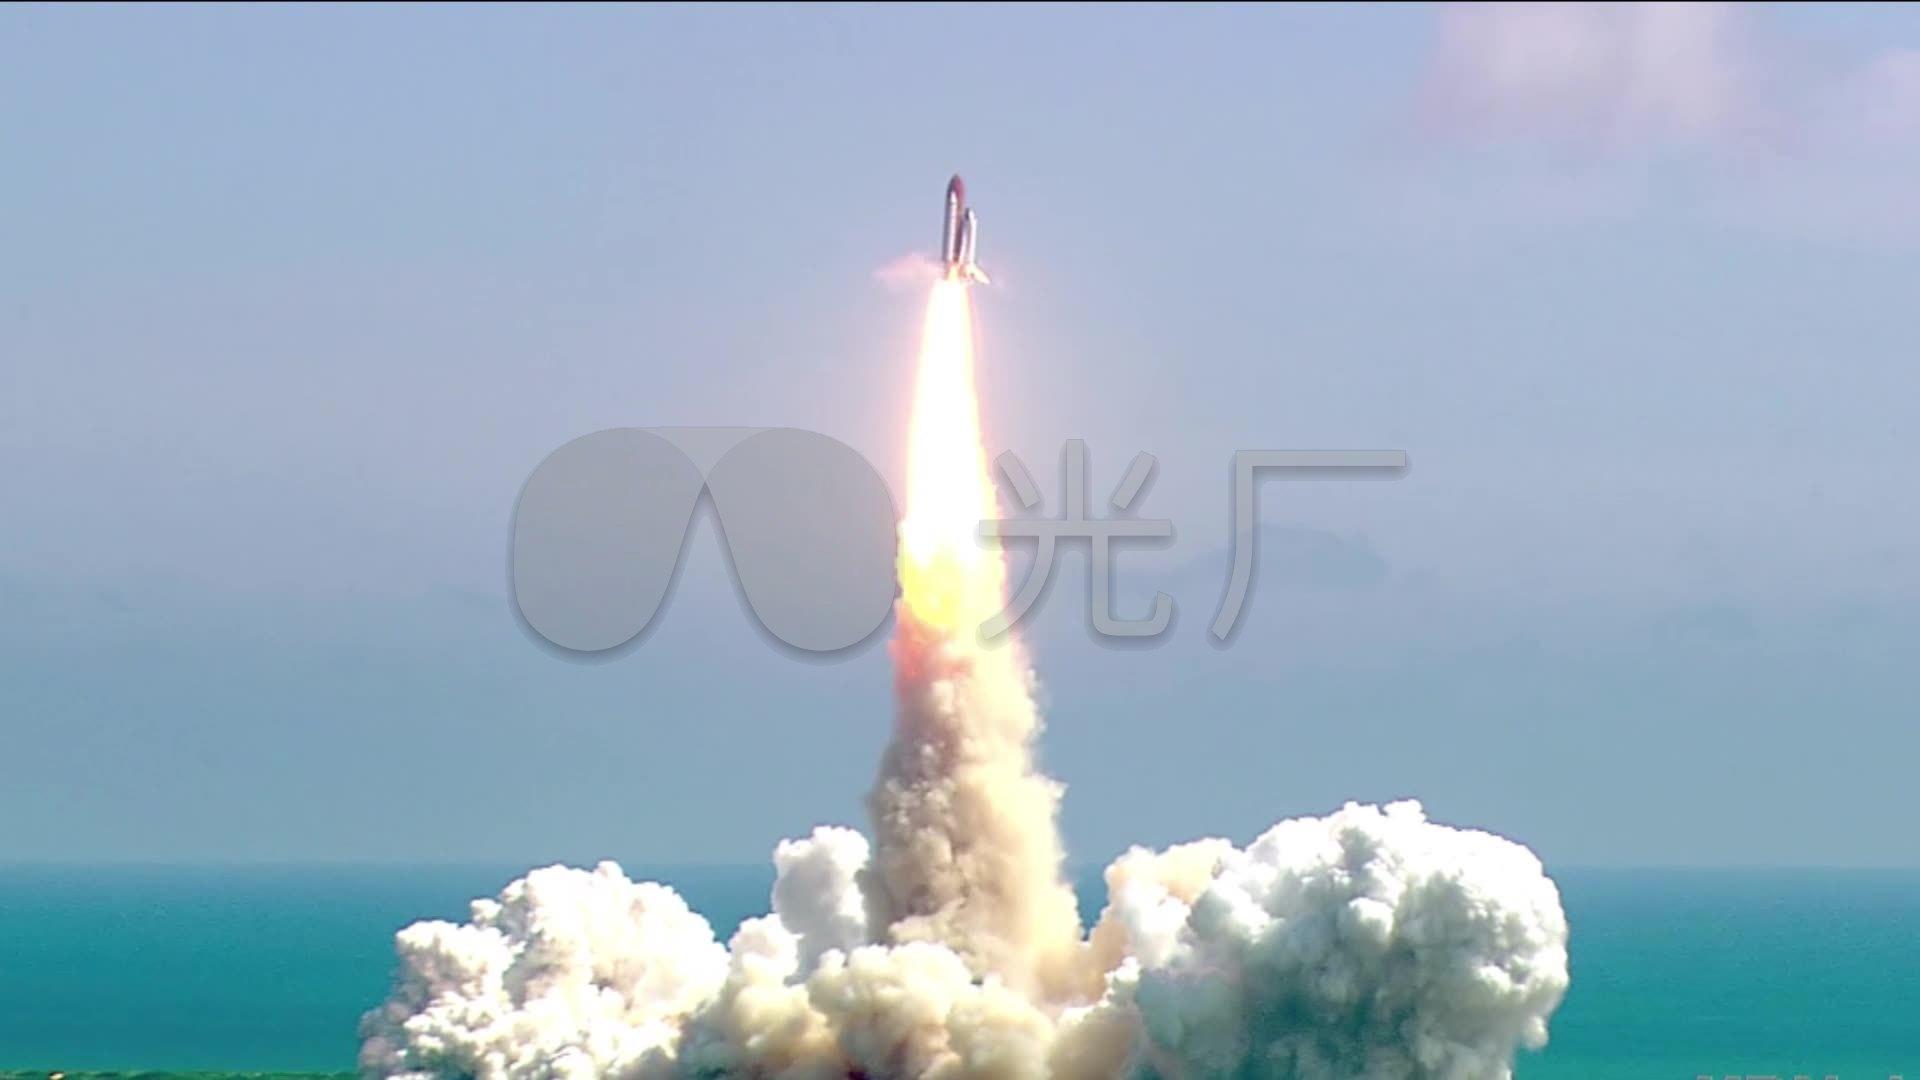 航天火箭飞船发射点火升空1_1920x1080_高清视频素材